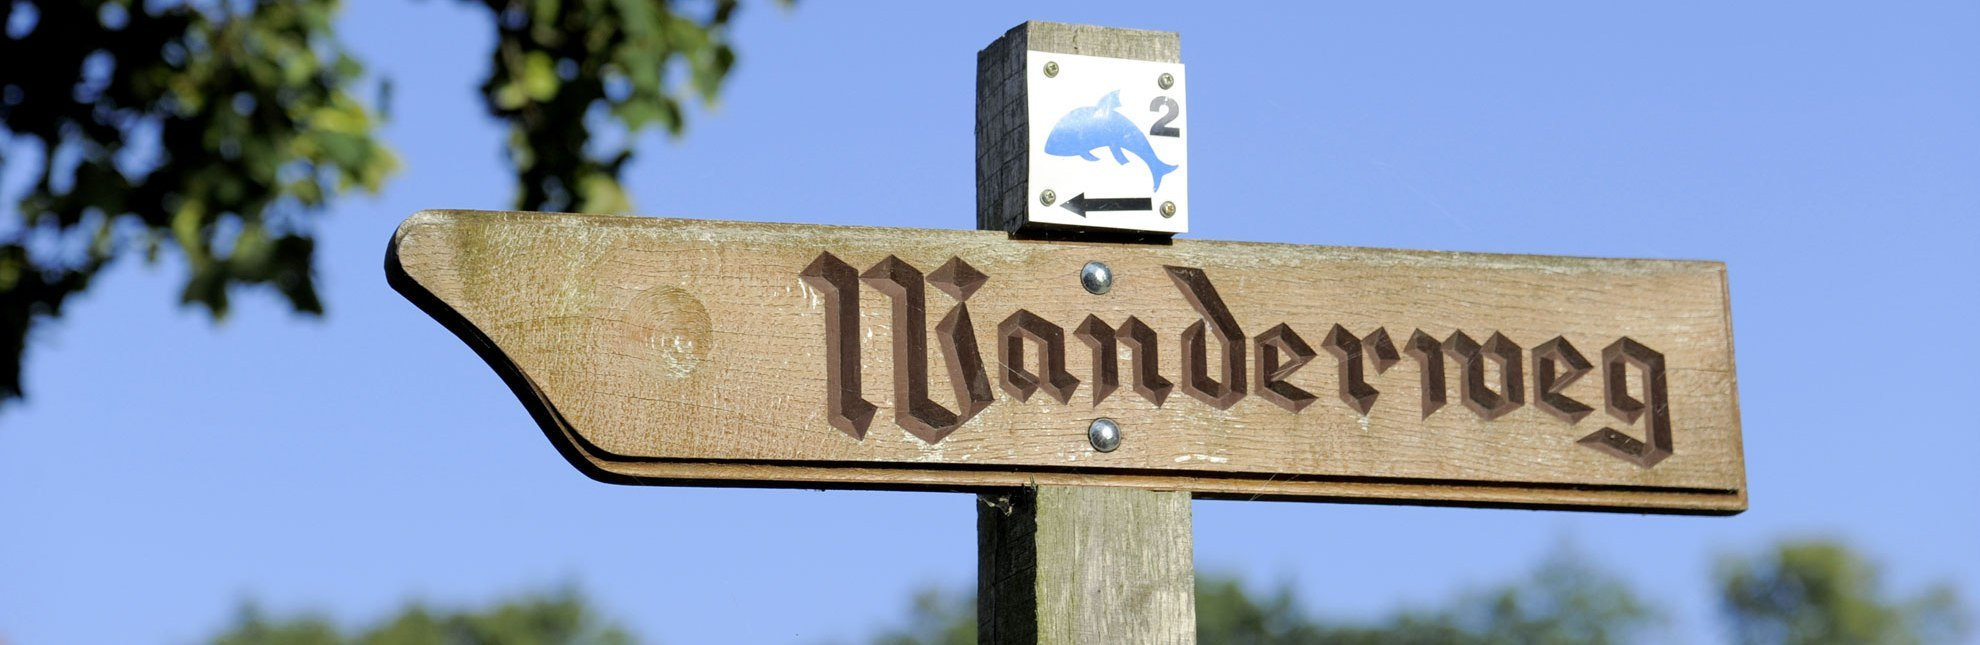 Im Herzogtum Lauenburg führen viele Wanderwege entlang der Seen., © photocompany GmbH / HLMS GmbH